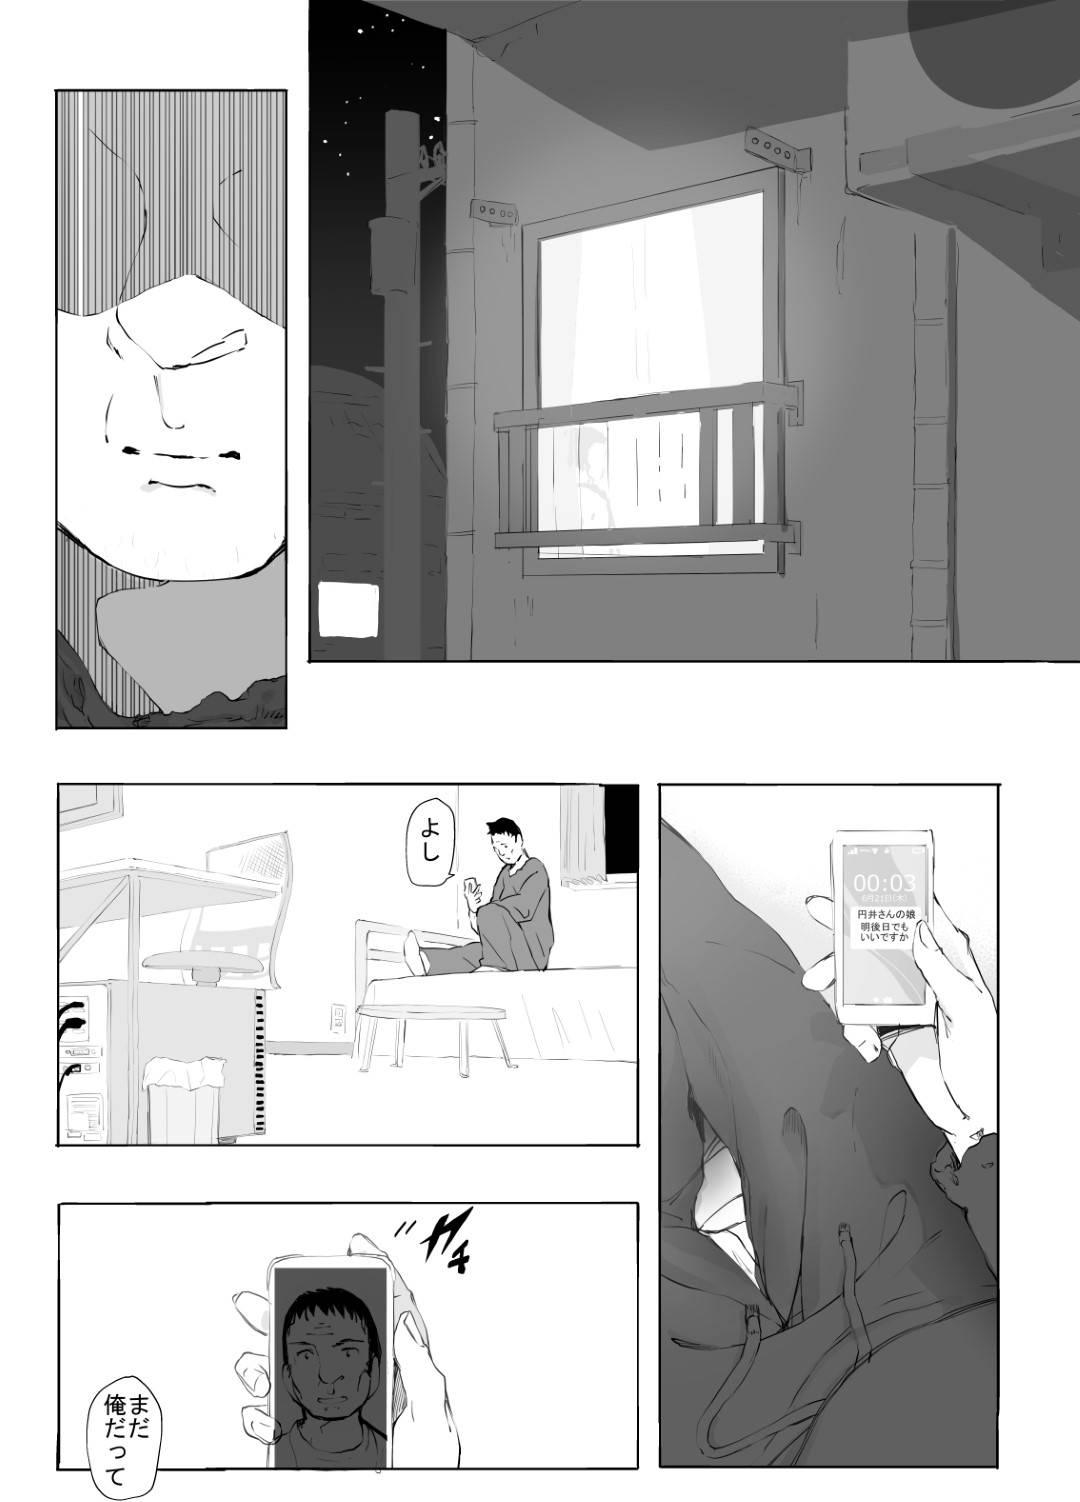 【エロ漫画】【エロ漫画】幼馴染男子が好きなのに都会から来た転校生に抱かれてしまう田舎の美少女JK…窓の外から幼馴染が覗いているにも関わらず生ハメ初セックスして寝取られアクメ堕ち【ひとんち:シンキロウ】